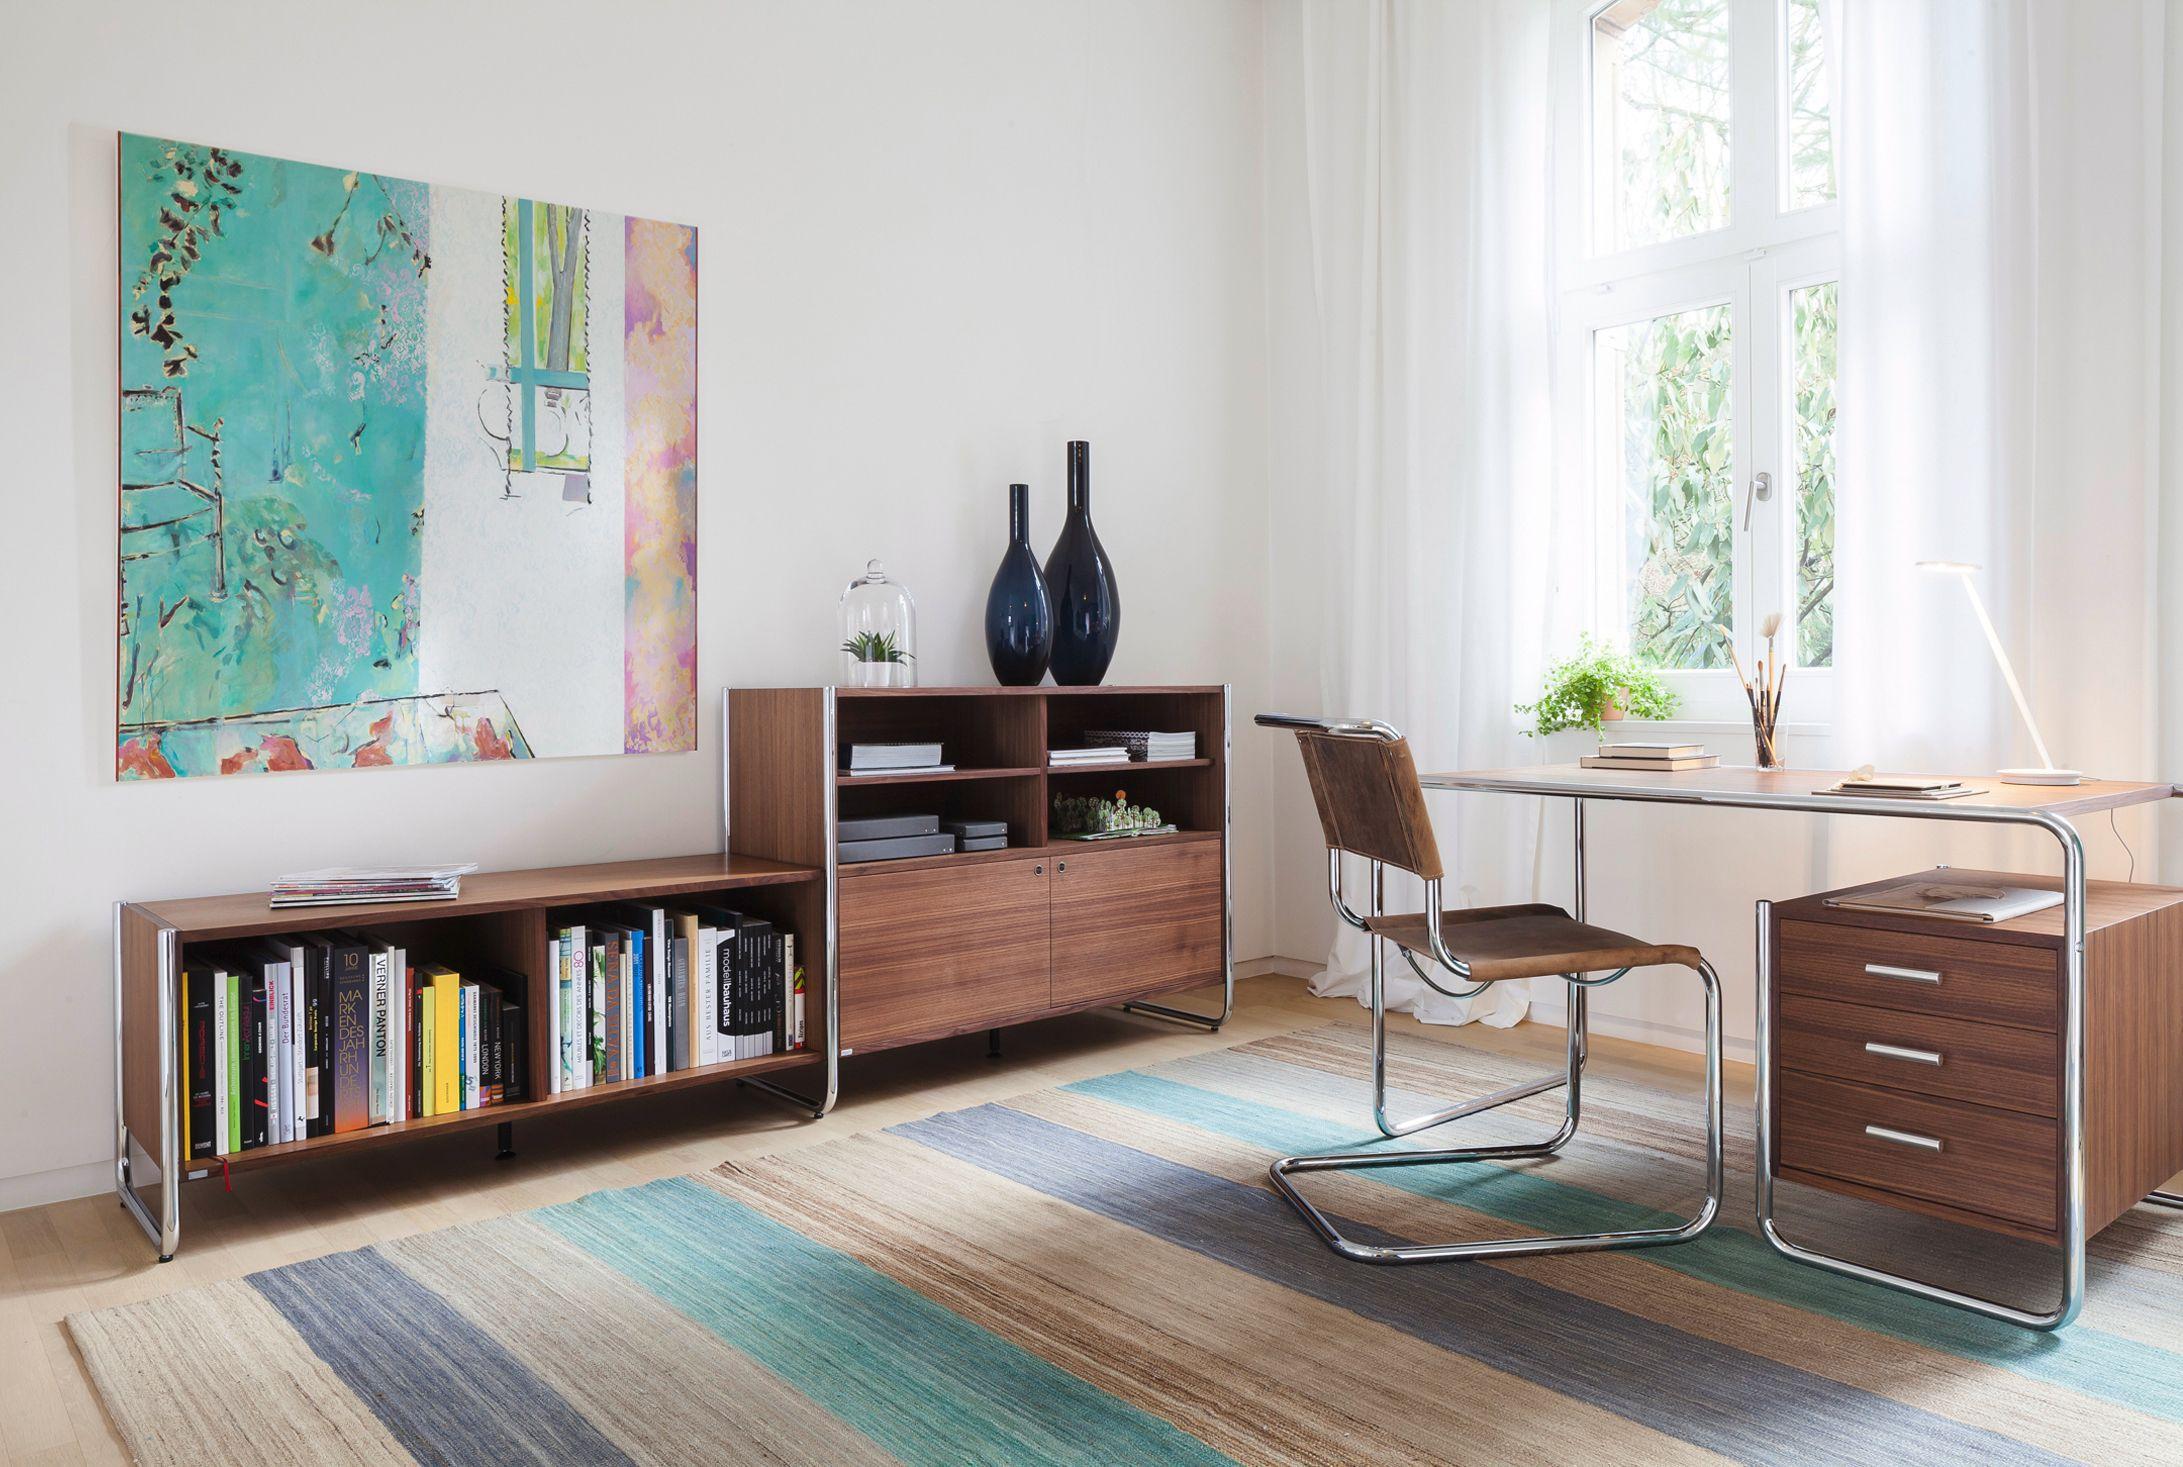 Escritorio De Madera De Acero De Dise O Bauhaus Profesional  # Muebles Bauhaus Caracteristicas